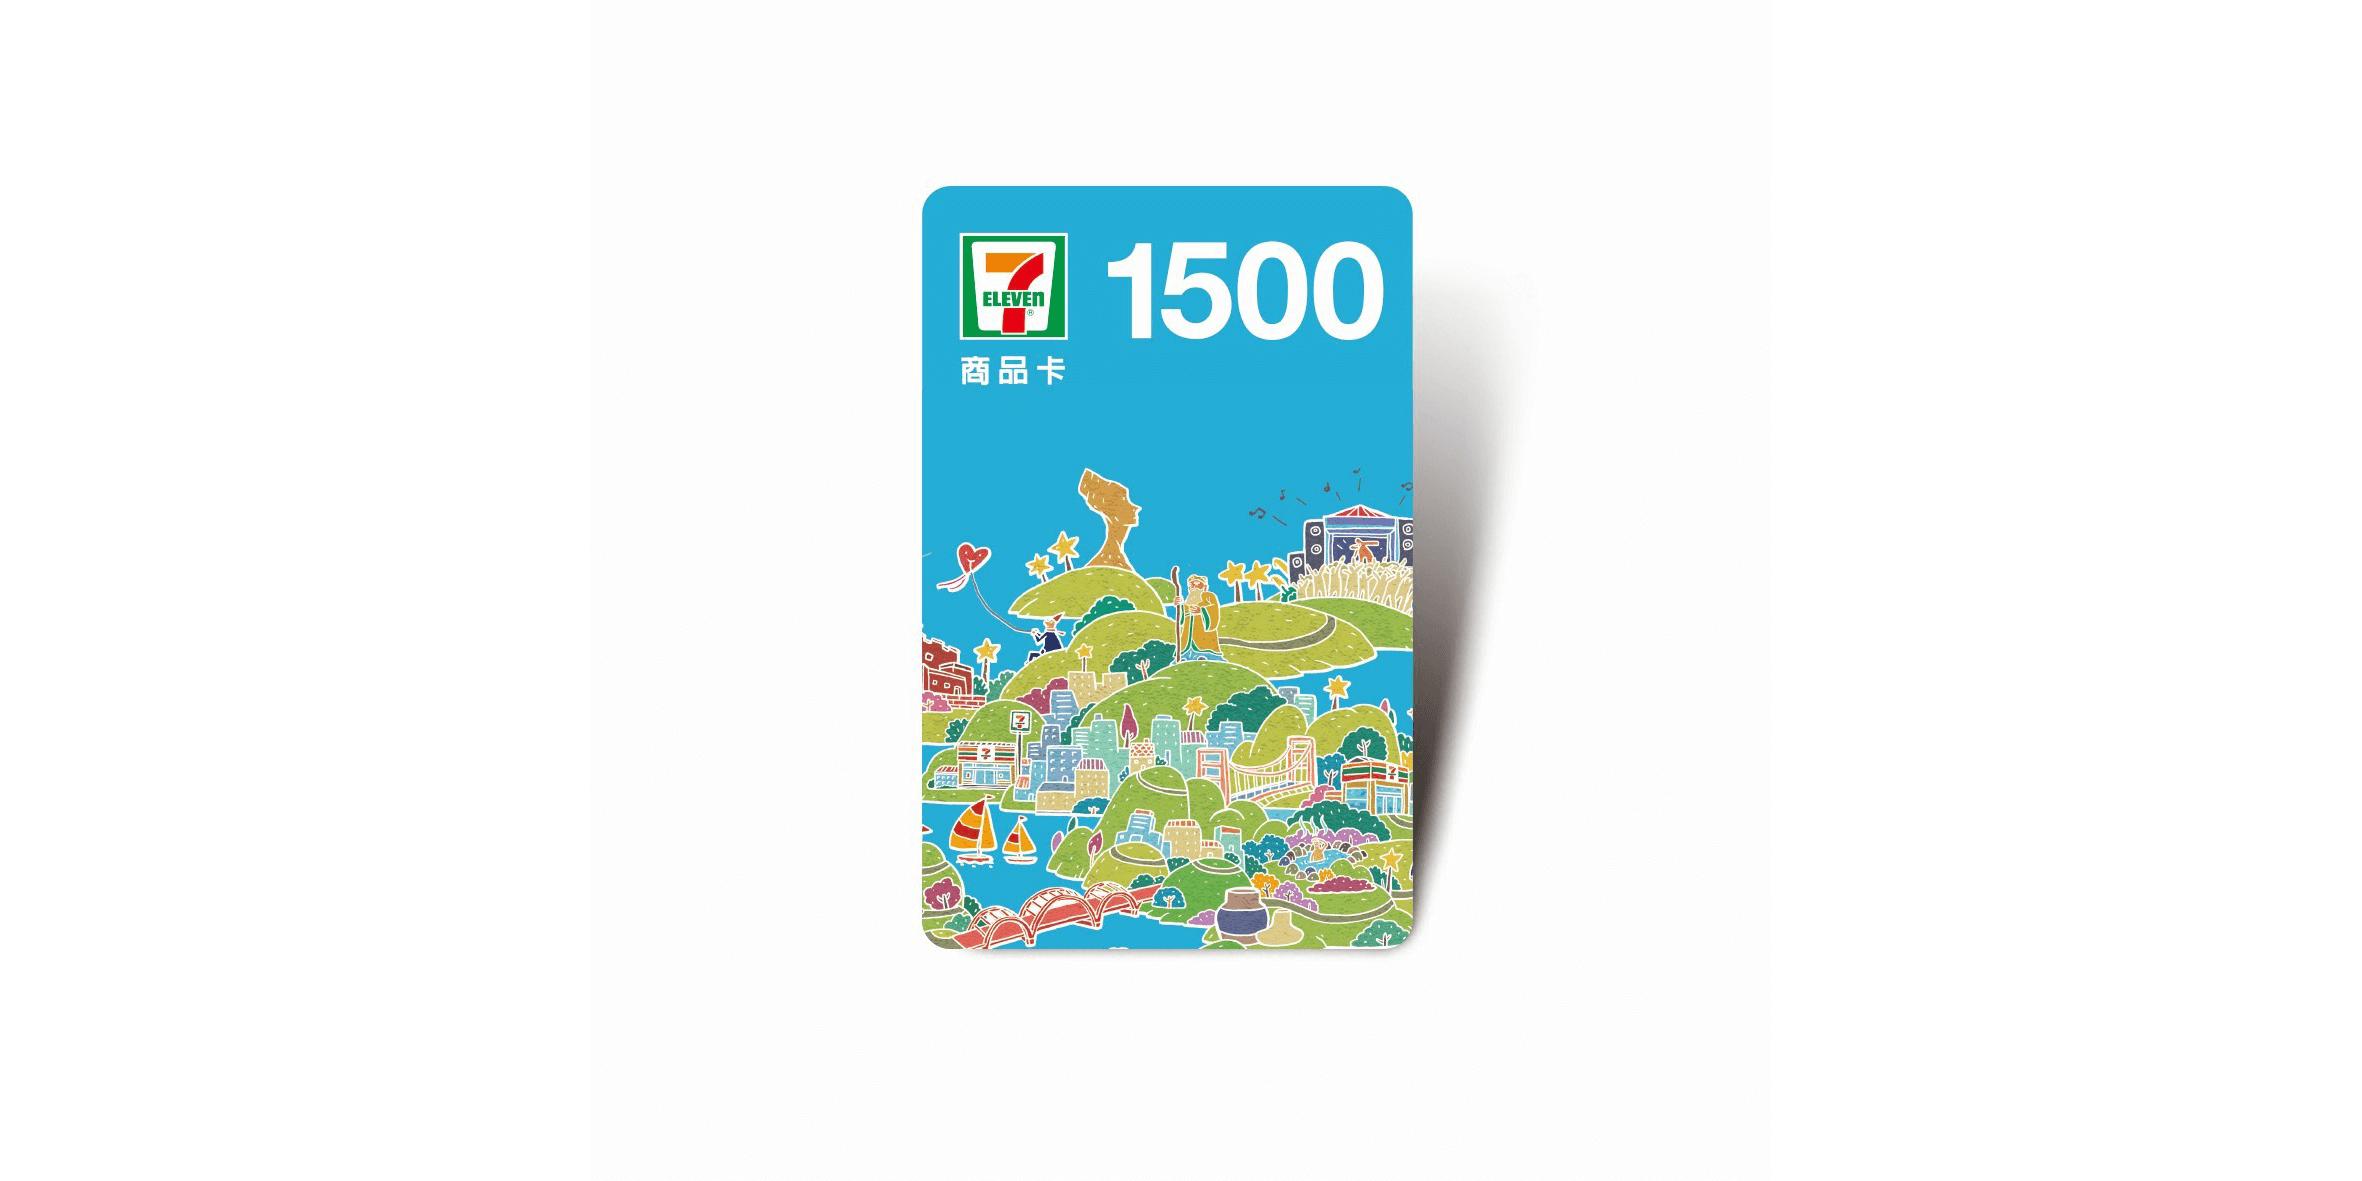 統一超商1,500元虛擬商品卡